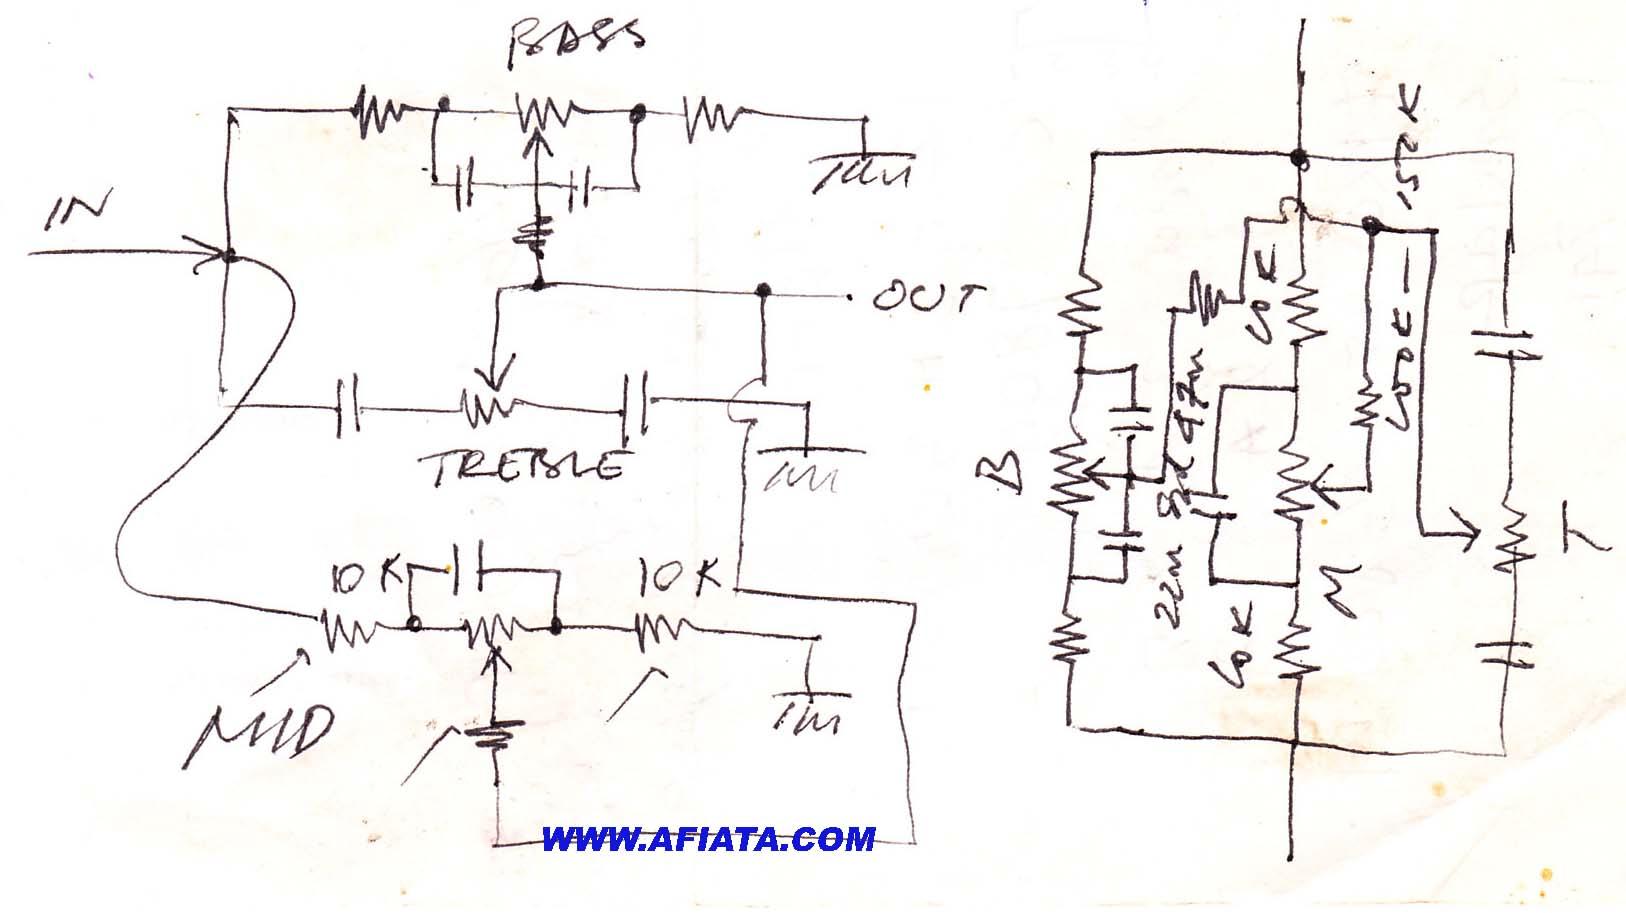 bass treble circuit diagram - wirdig, Circuit diagram